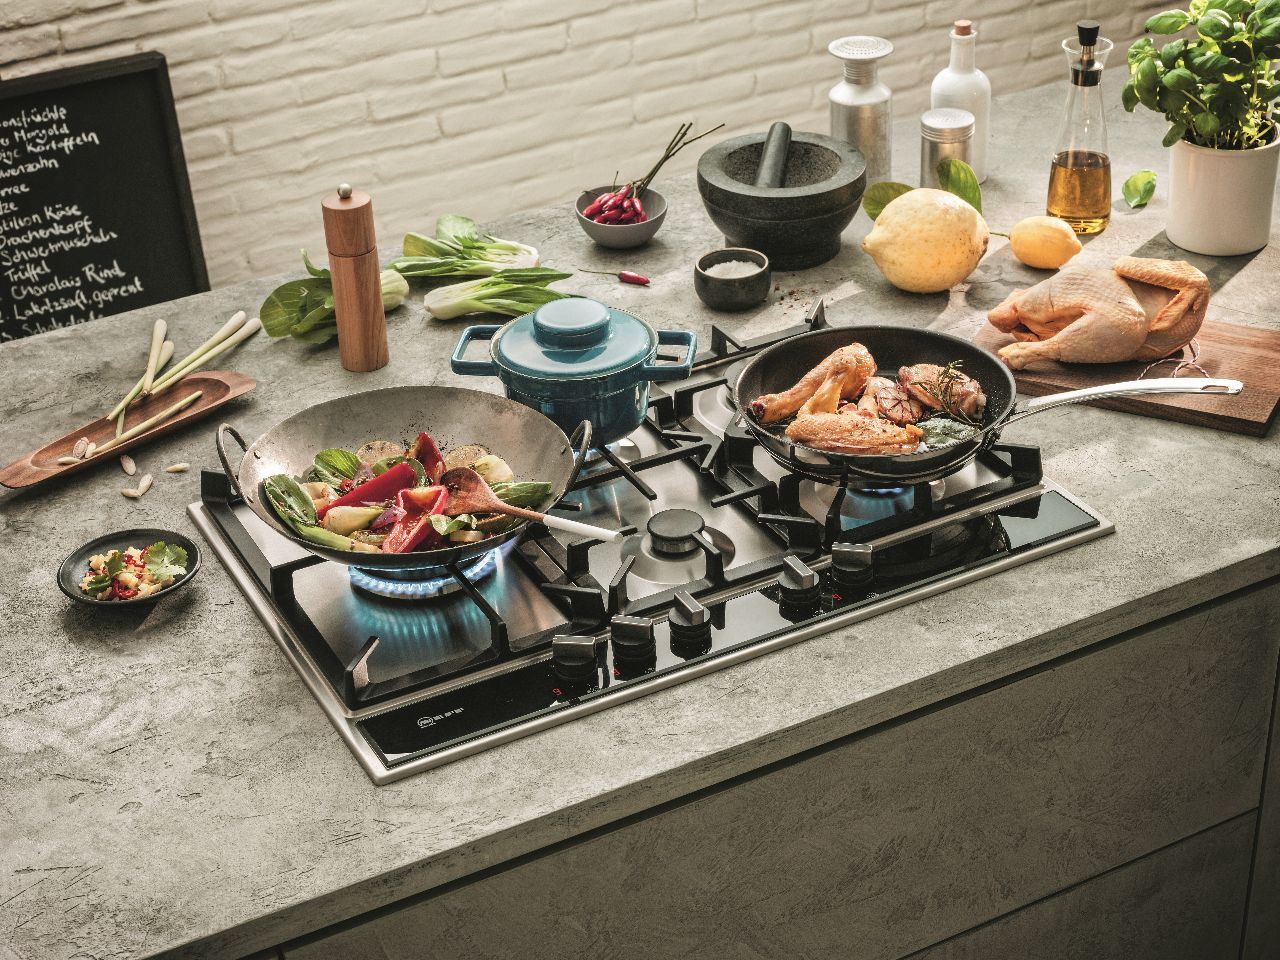 Perfect kkoken met de nieuwe gaskookplaten met de 9 niveau's van Flameselect van Neff